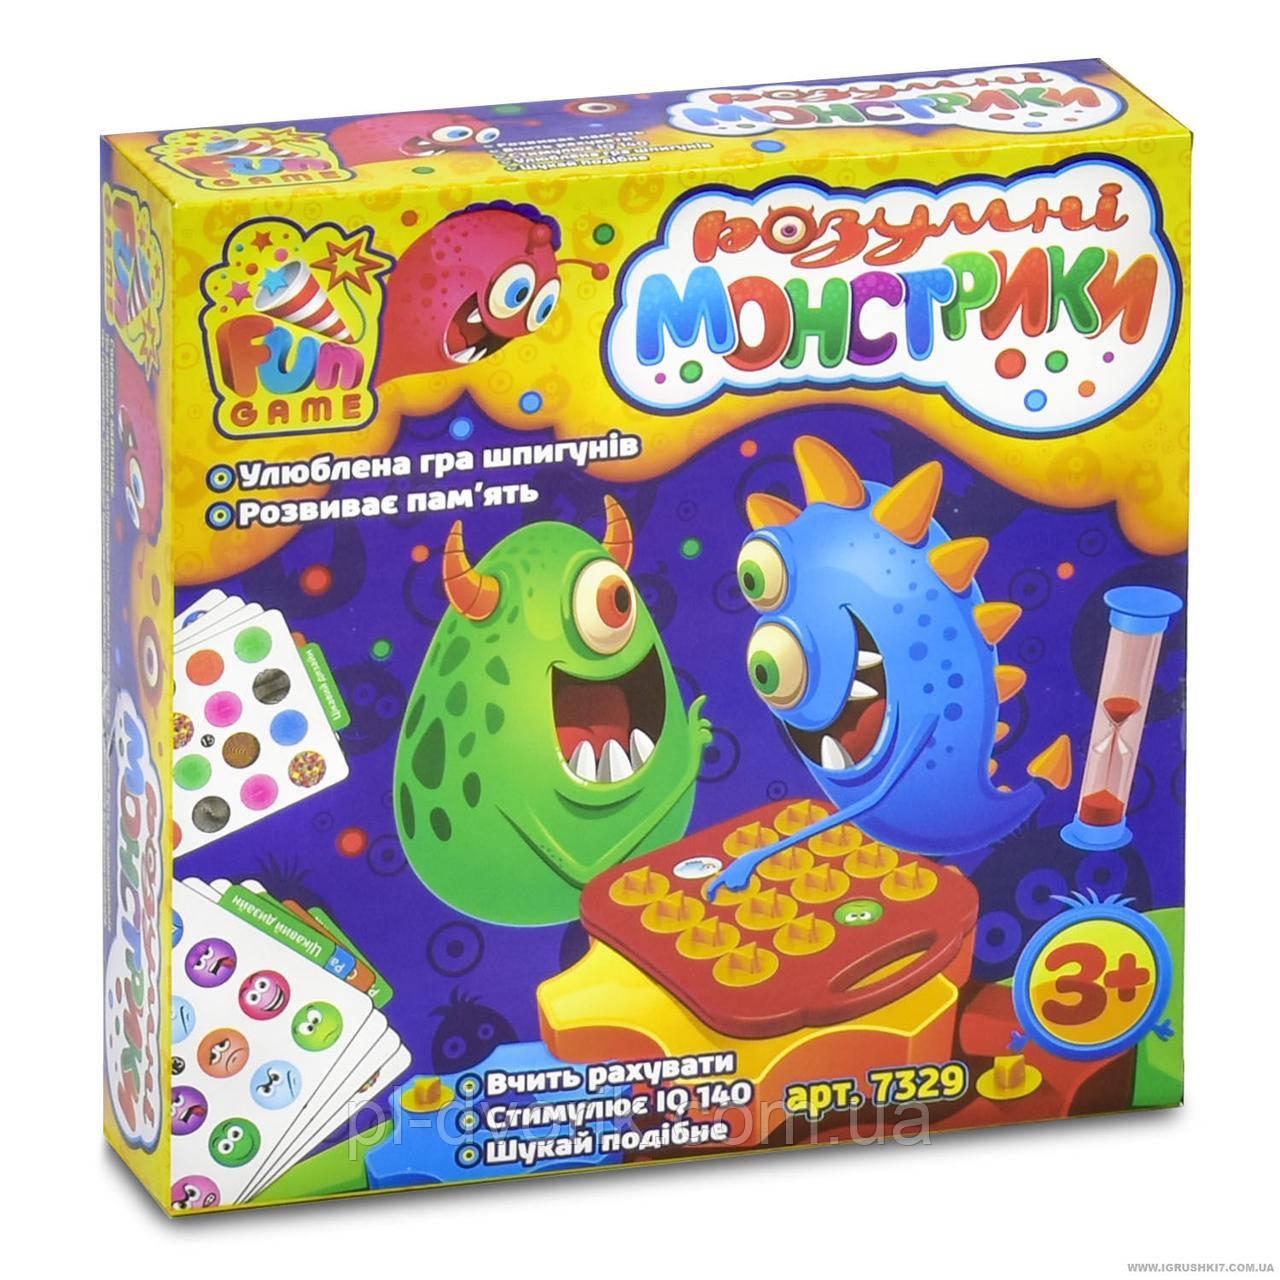 Настольная игра, направленная на развитие памяти. Также игра развивает внимание, визуальное восприятие, в игро